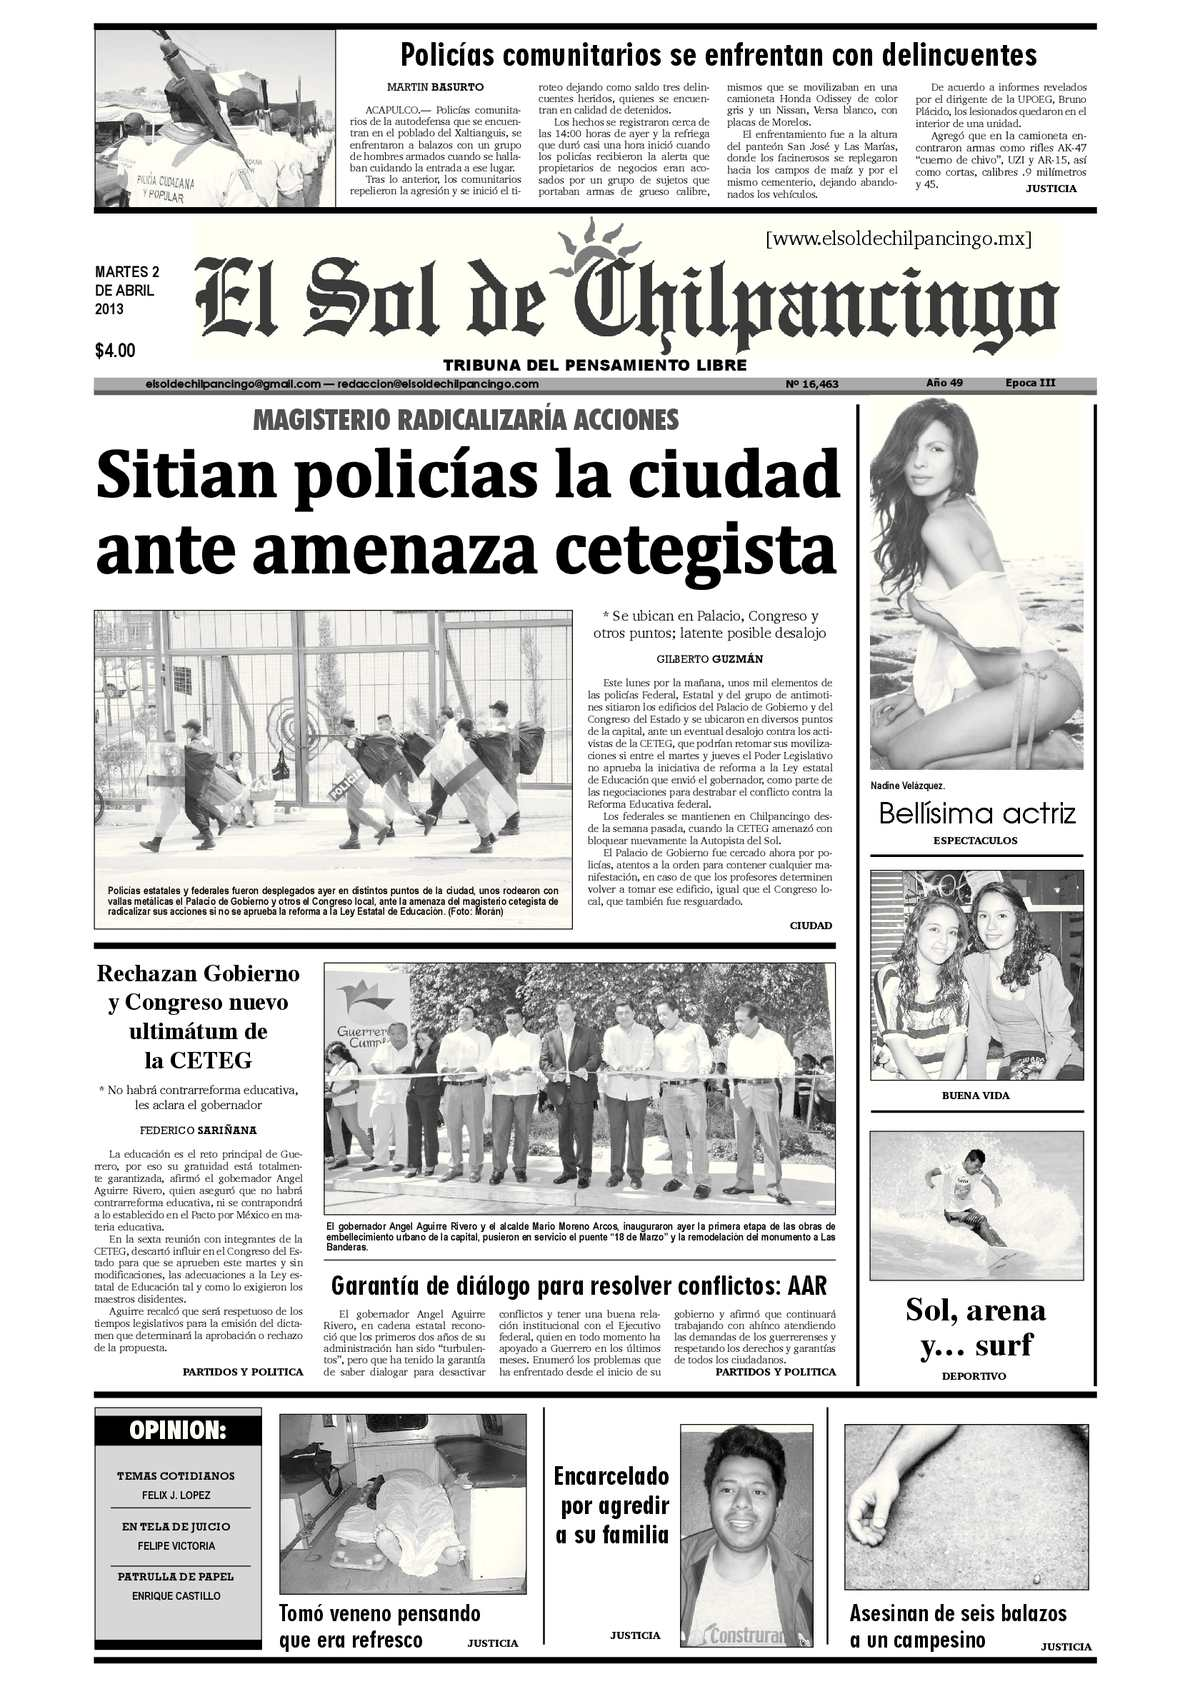 Calaméo - El Sol de Chilpancingo - 02 Abril 2013